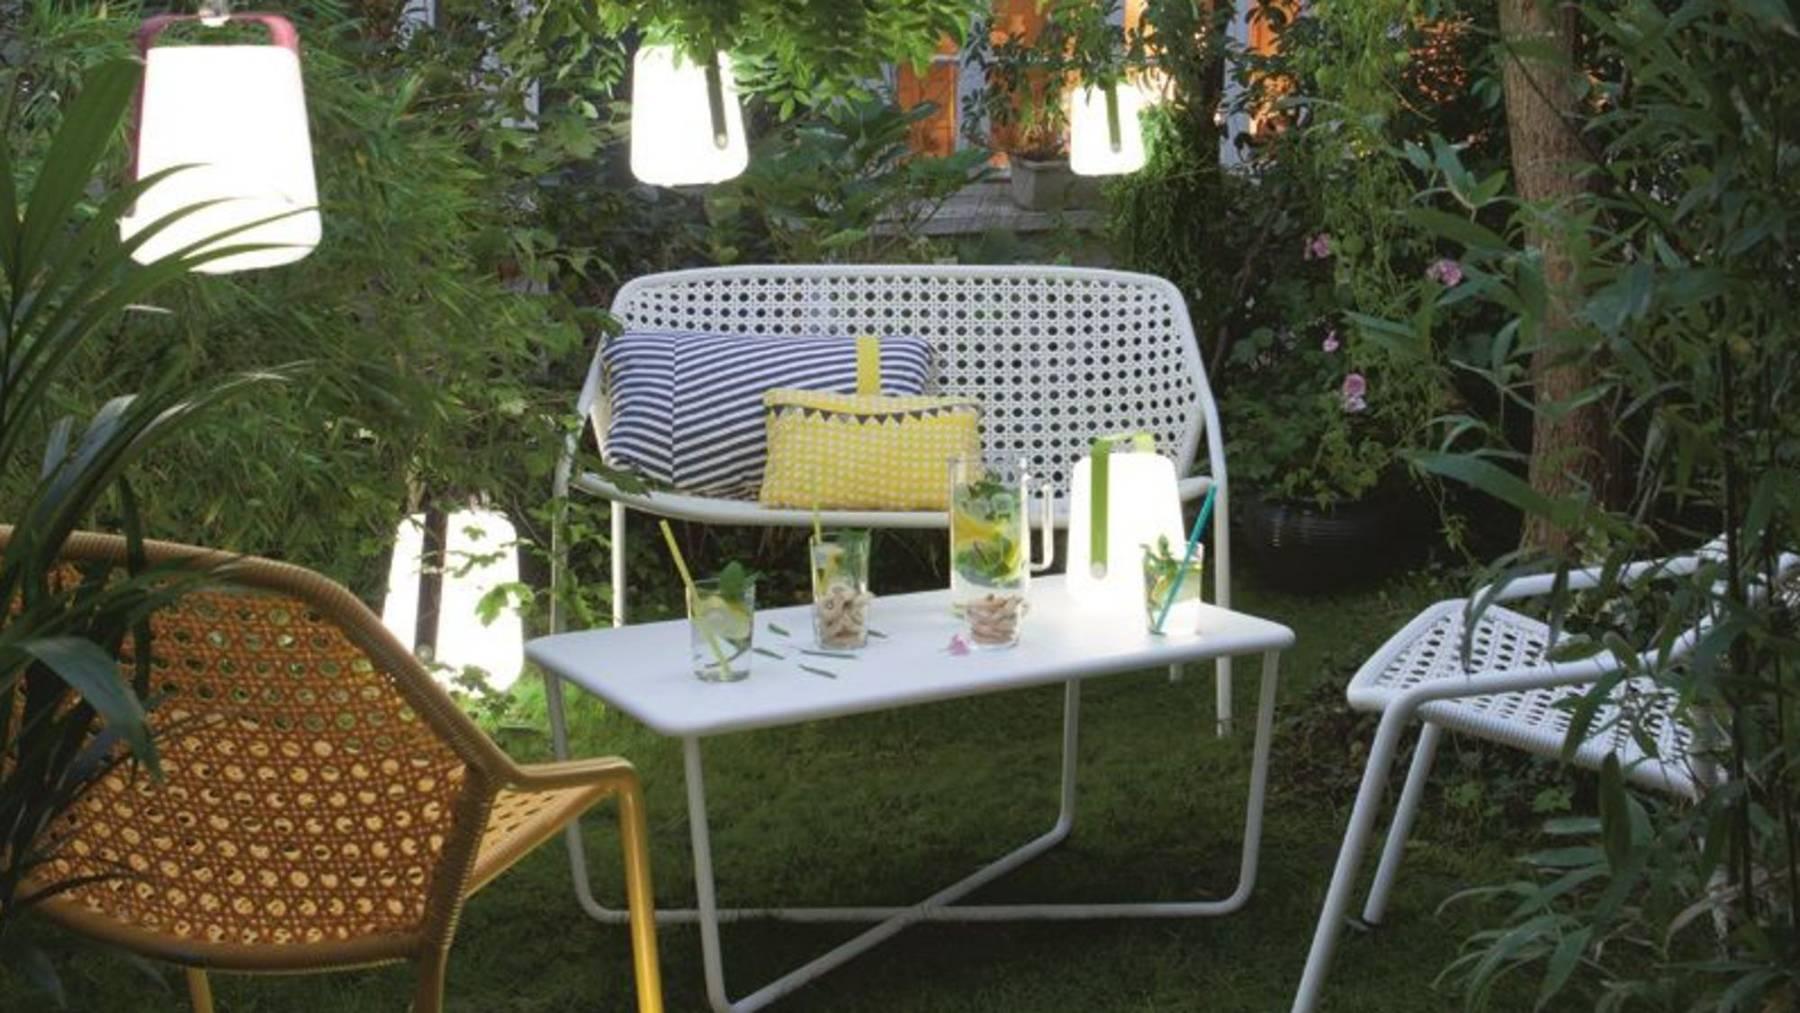 quel eclairage pour mon jardin maisons pep 39 s. Black Bedroom Furniture Sets. Home Design Ideas